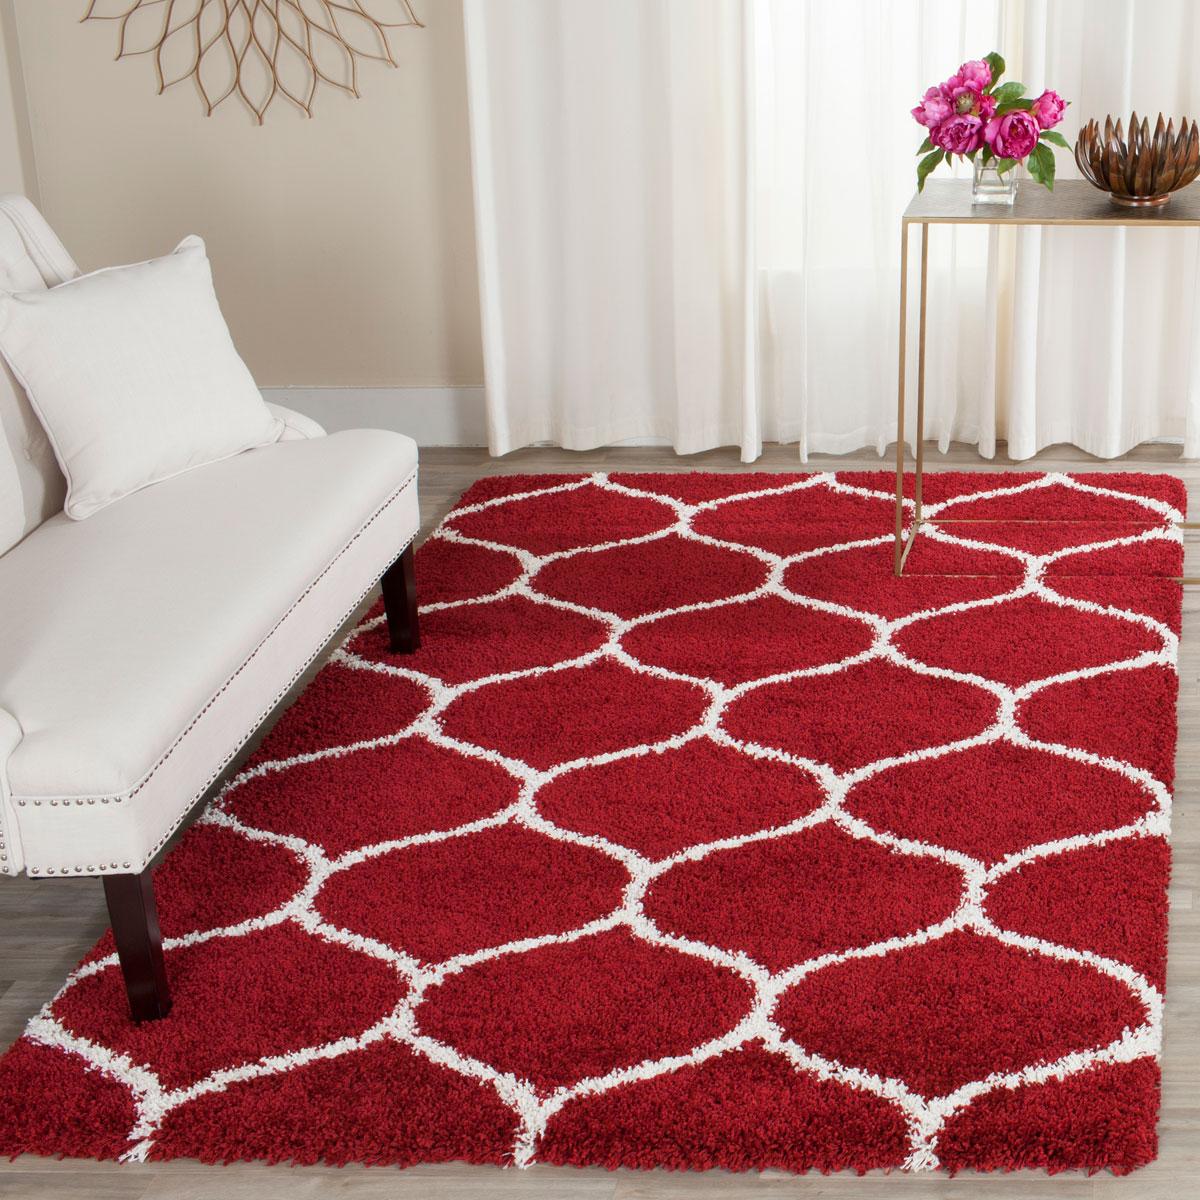 Red Amp White Tile Patterned Shag Hudson Shags Safavieh